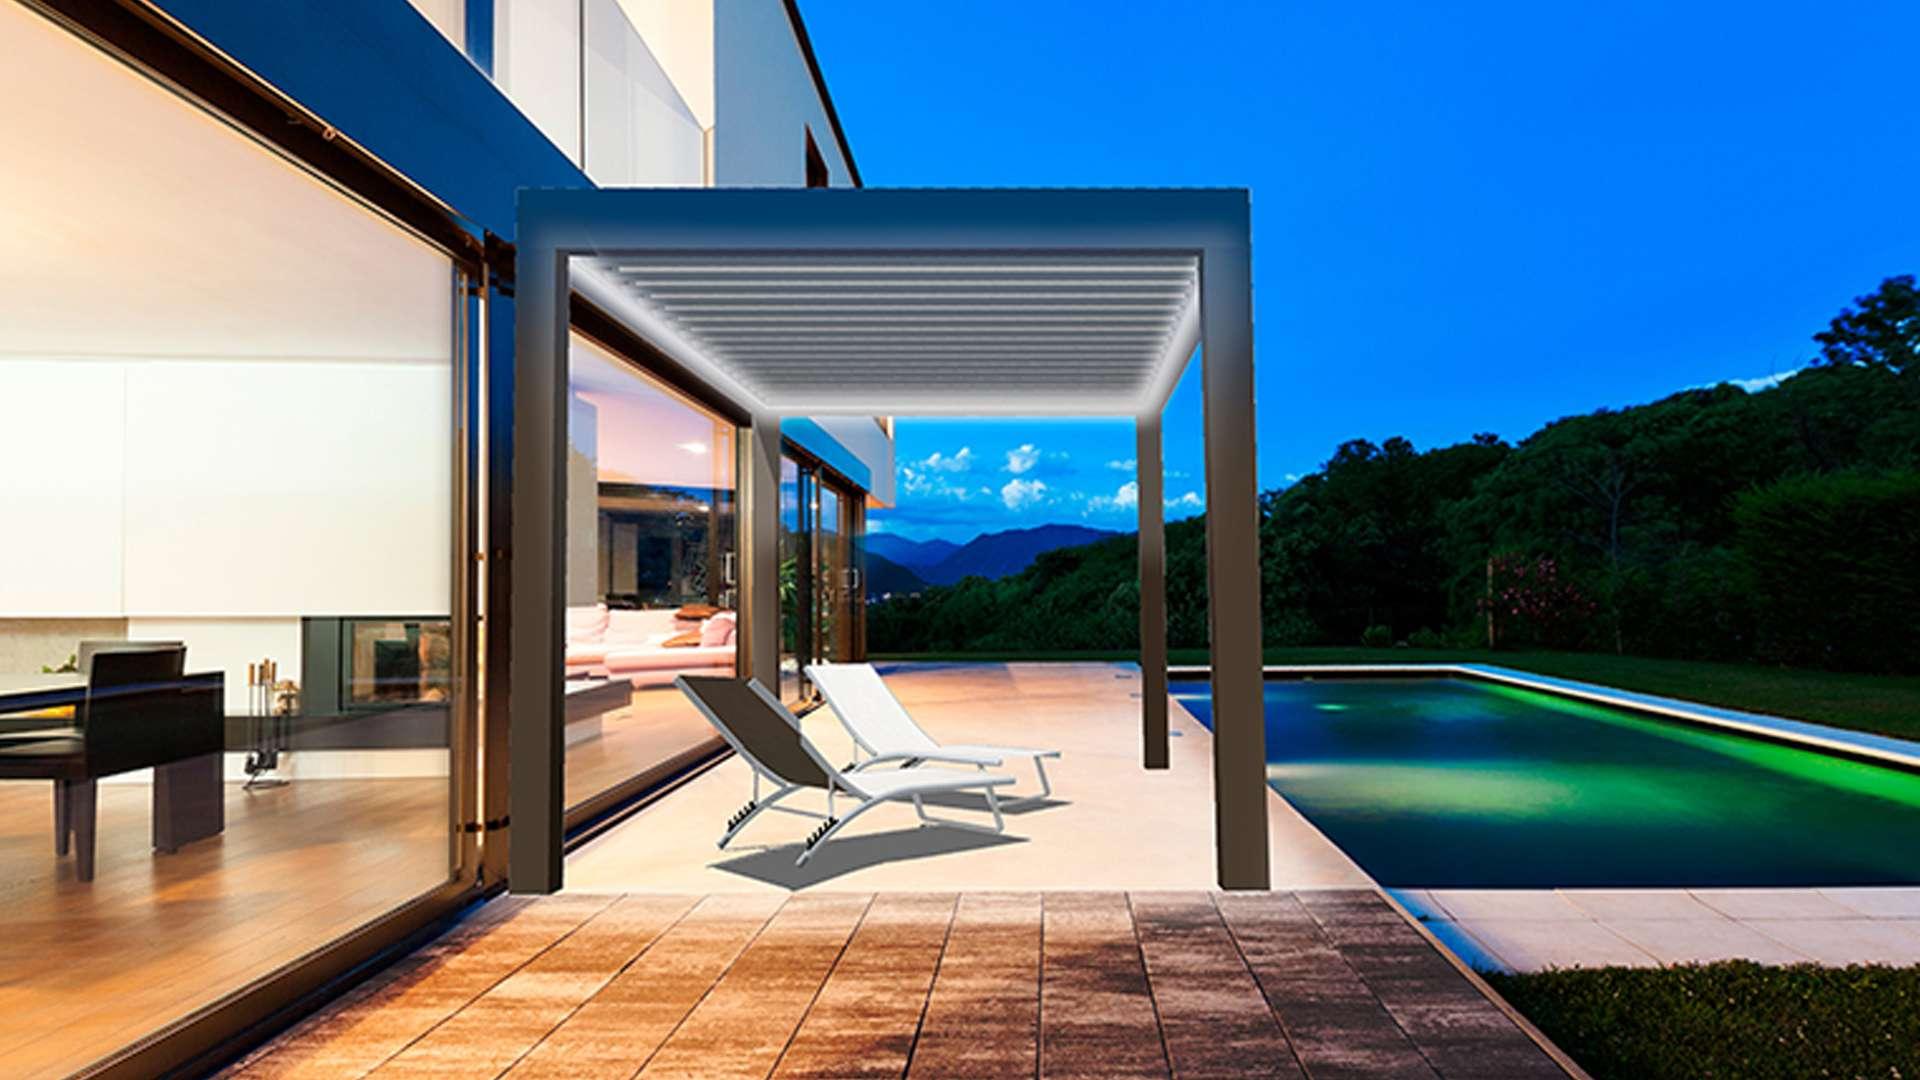 Lamellendach auf einer Terrasse neben einem Pool